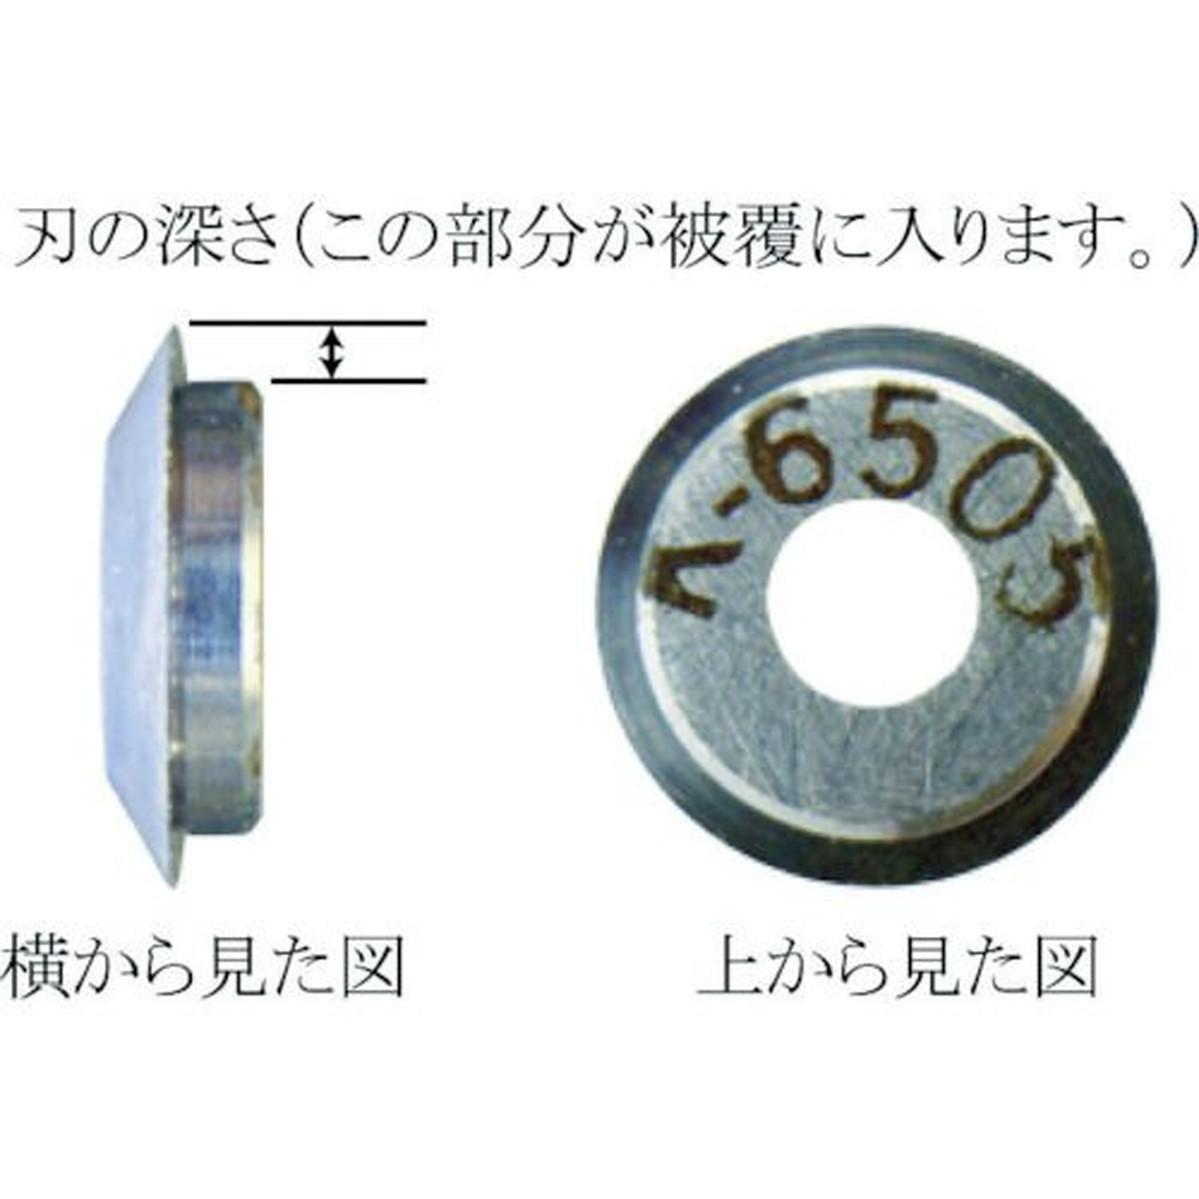 大洲市 IDEAL 1枚 替刃 リンガー リンガー 替刃 適合電線(mm):被覆厚0.23~ 1枚, IRC株式会社:c87a8bd9 --- kventurepartners.sakura.ne.jp